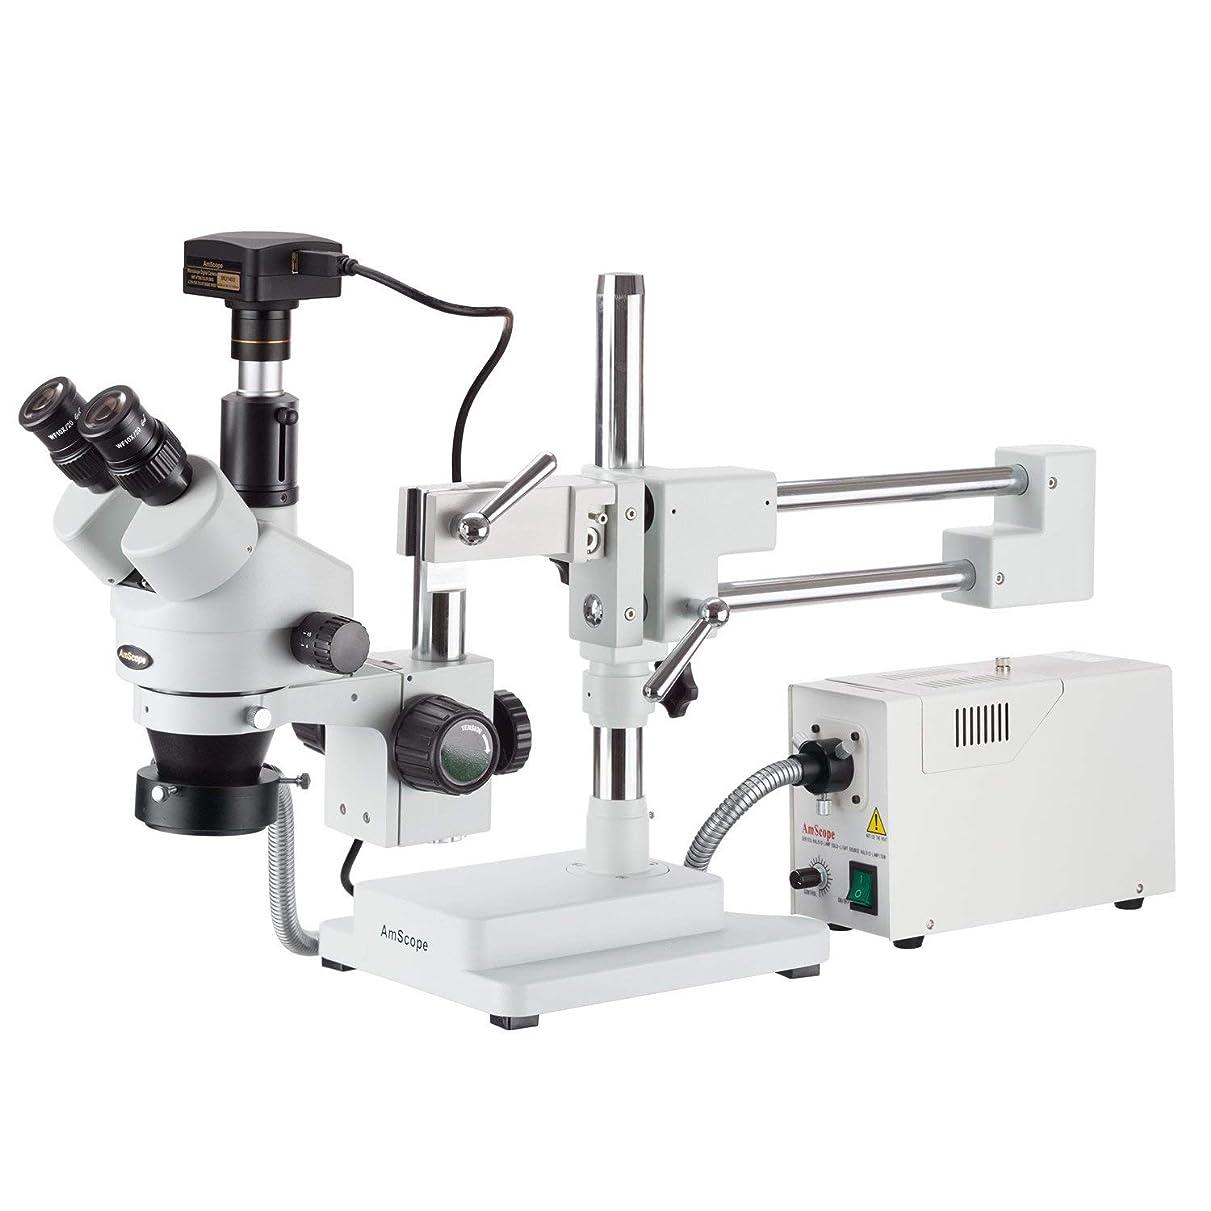 八百屋長方形常識AmScope ファイバー光と5MP USB3カメラとスタンドブームに3.5X-45Xサイマルフォーカルステレオズーム顕微鏡